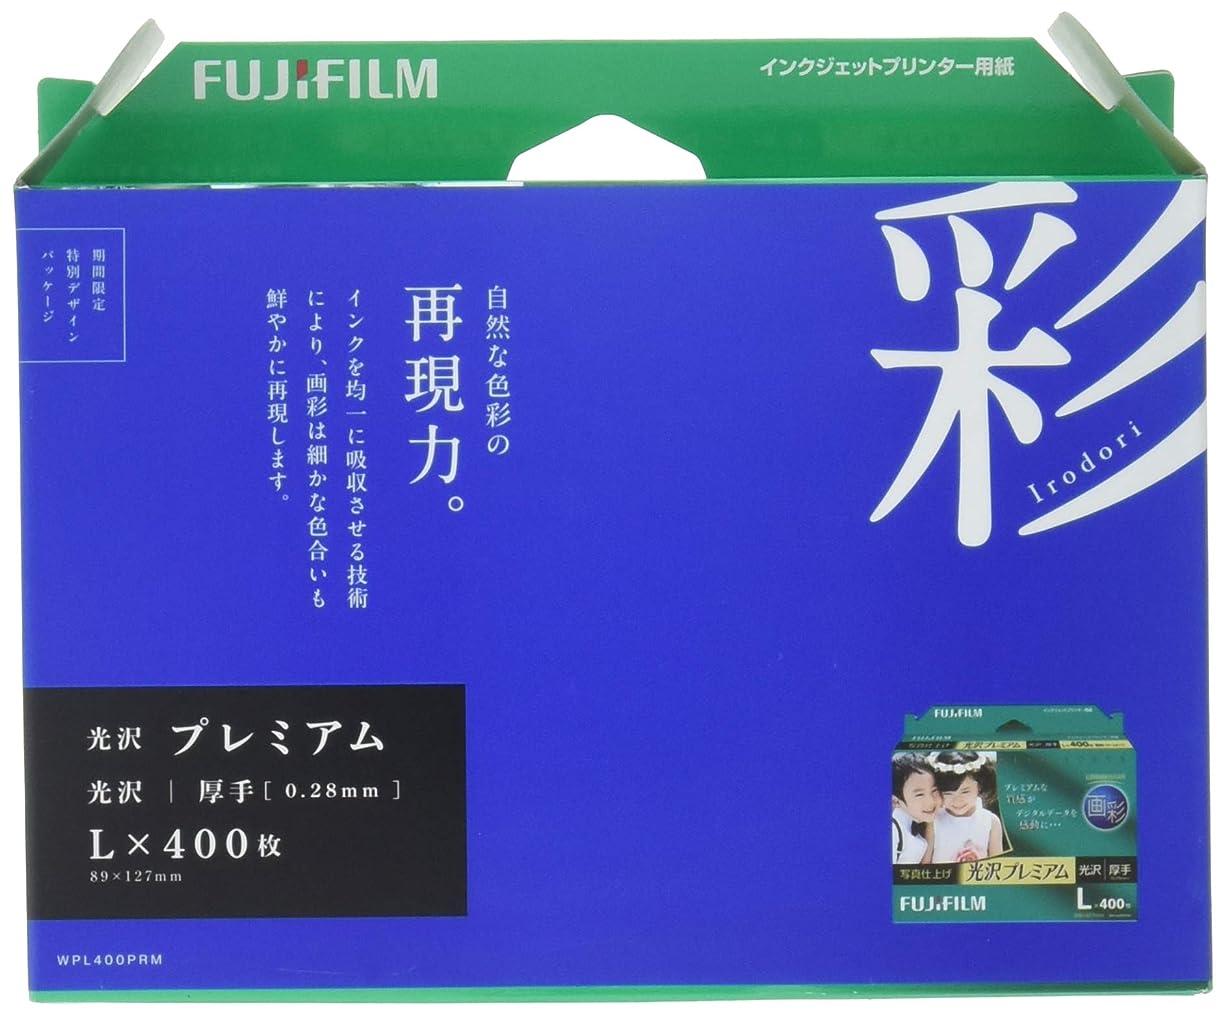 ヒープ神社適合しましたコピー用紙 A4 高品質マルチ用紙 白色度98% 紙厚0.106mm 500枚 インクジェット用紙